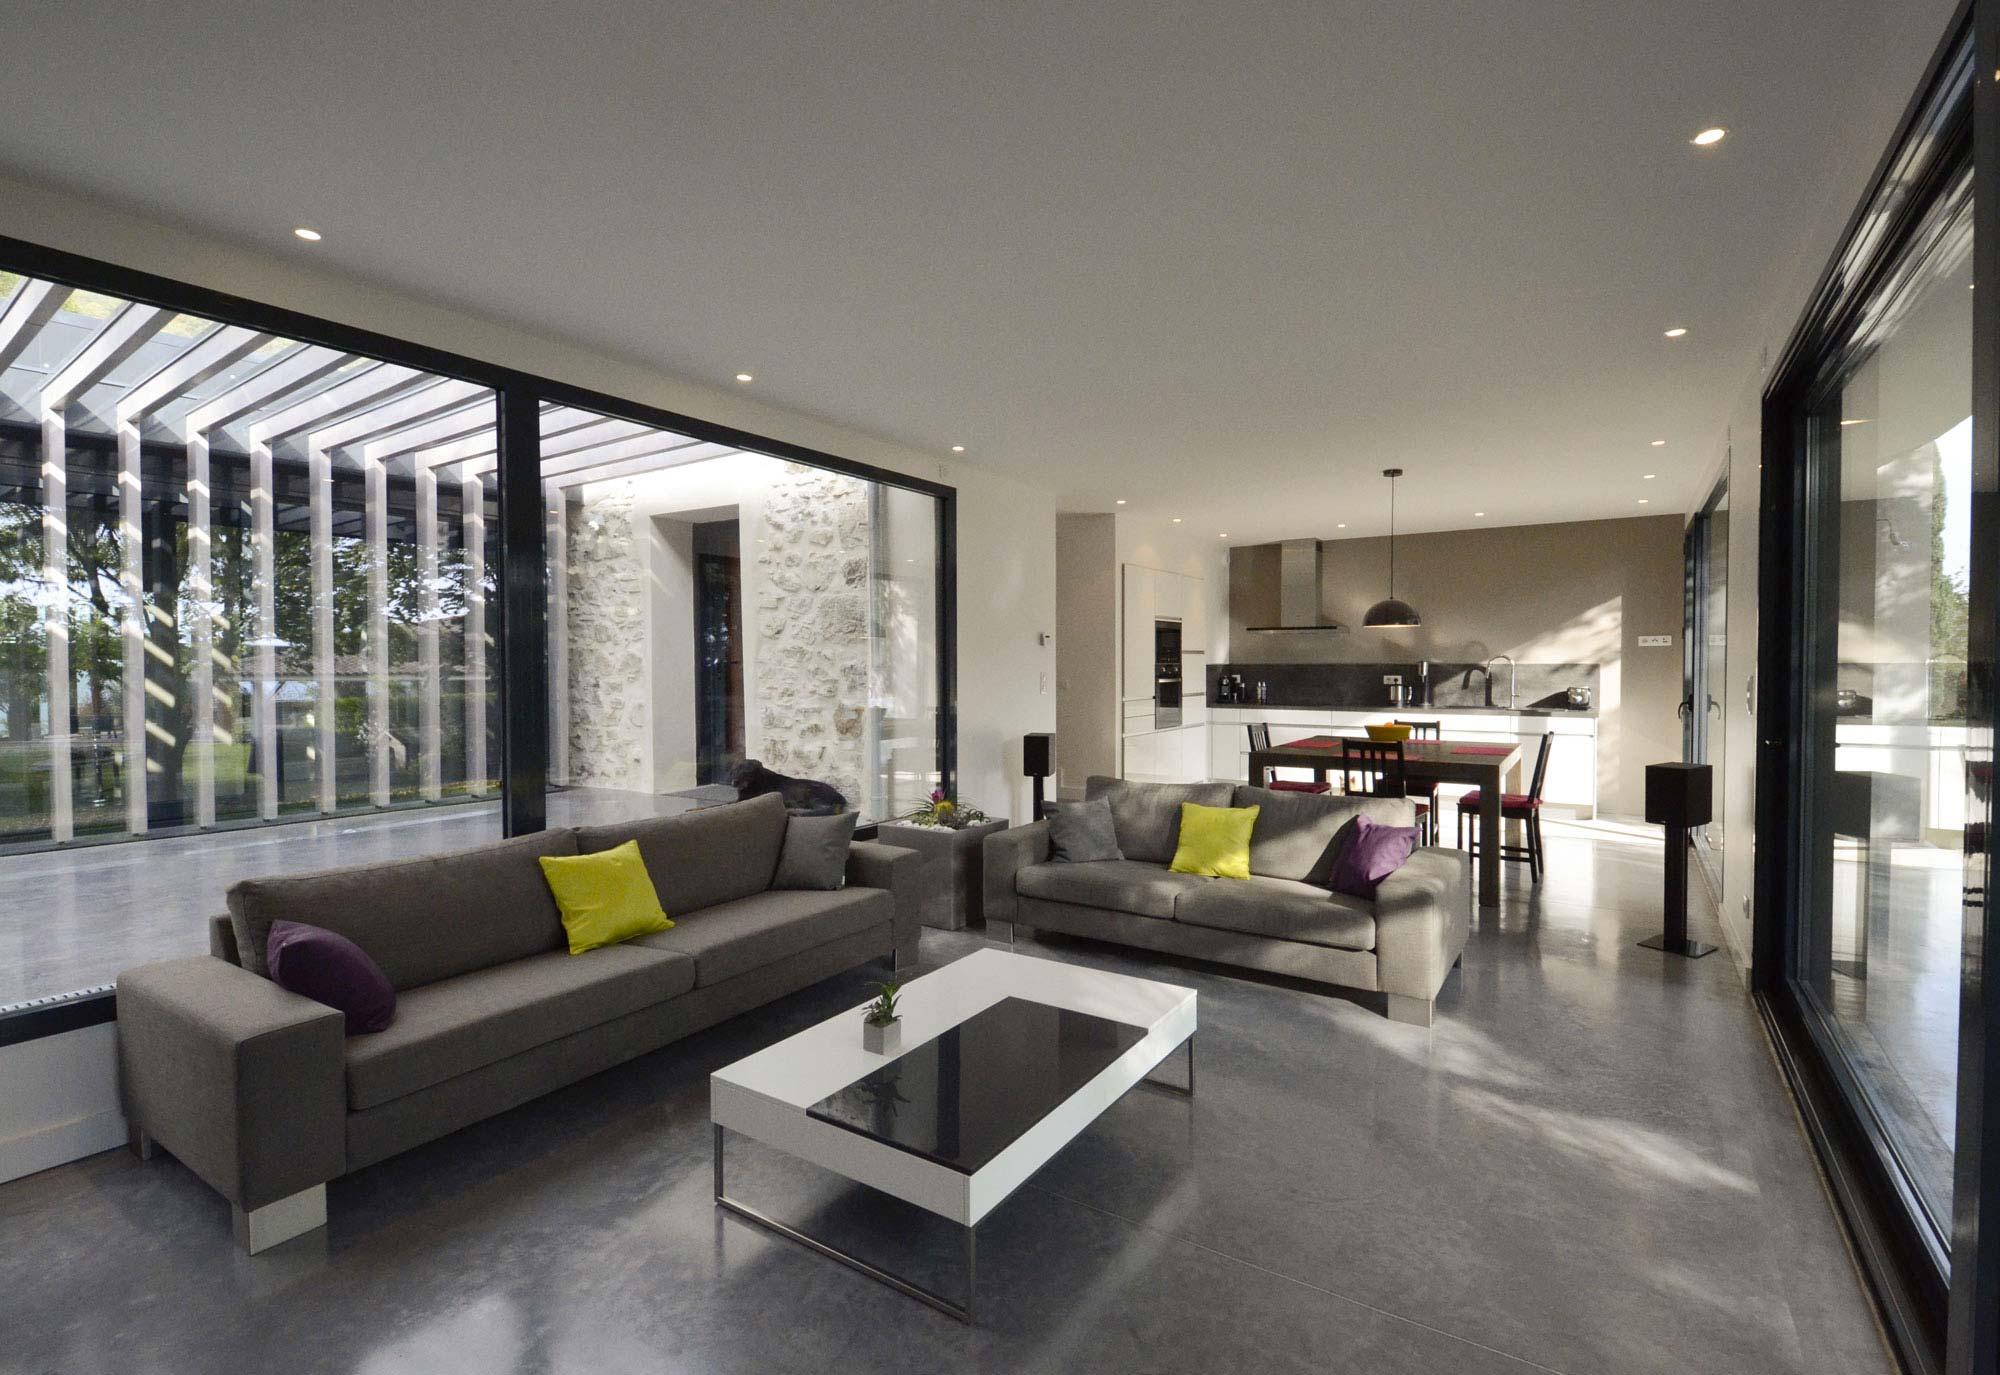 dominique marcon une arche en b ton. Black Bedroom Furniture Sets. Home Design Ideas